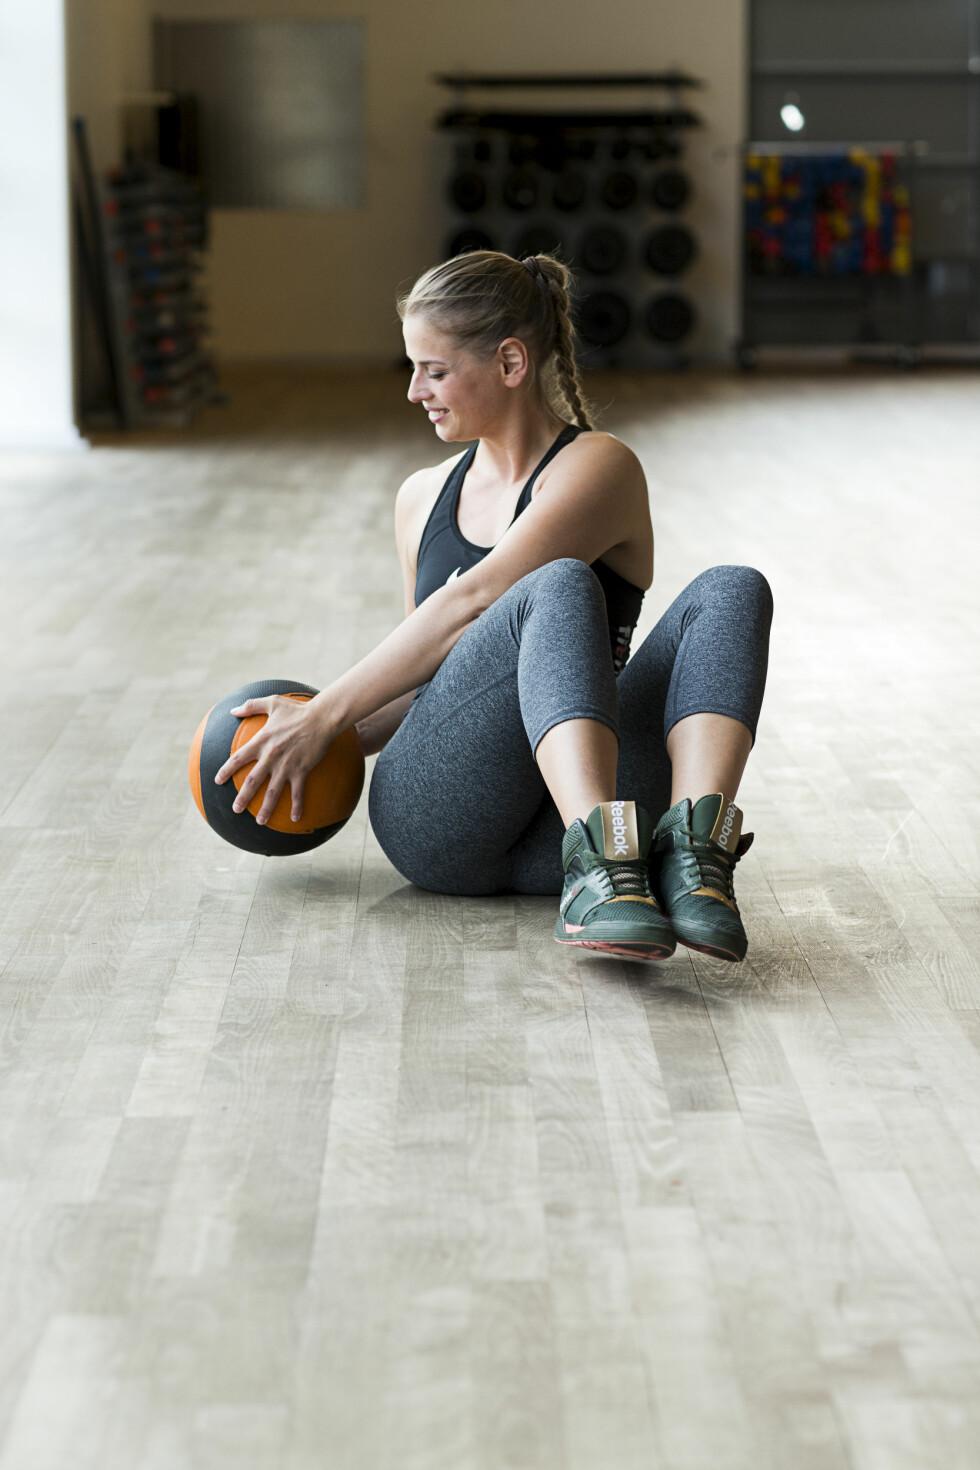 RUSSIAN TWIST: Denne øvelsen trener magemusklene. Foto: Nellie Møbergn/All Over Press